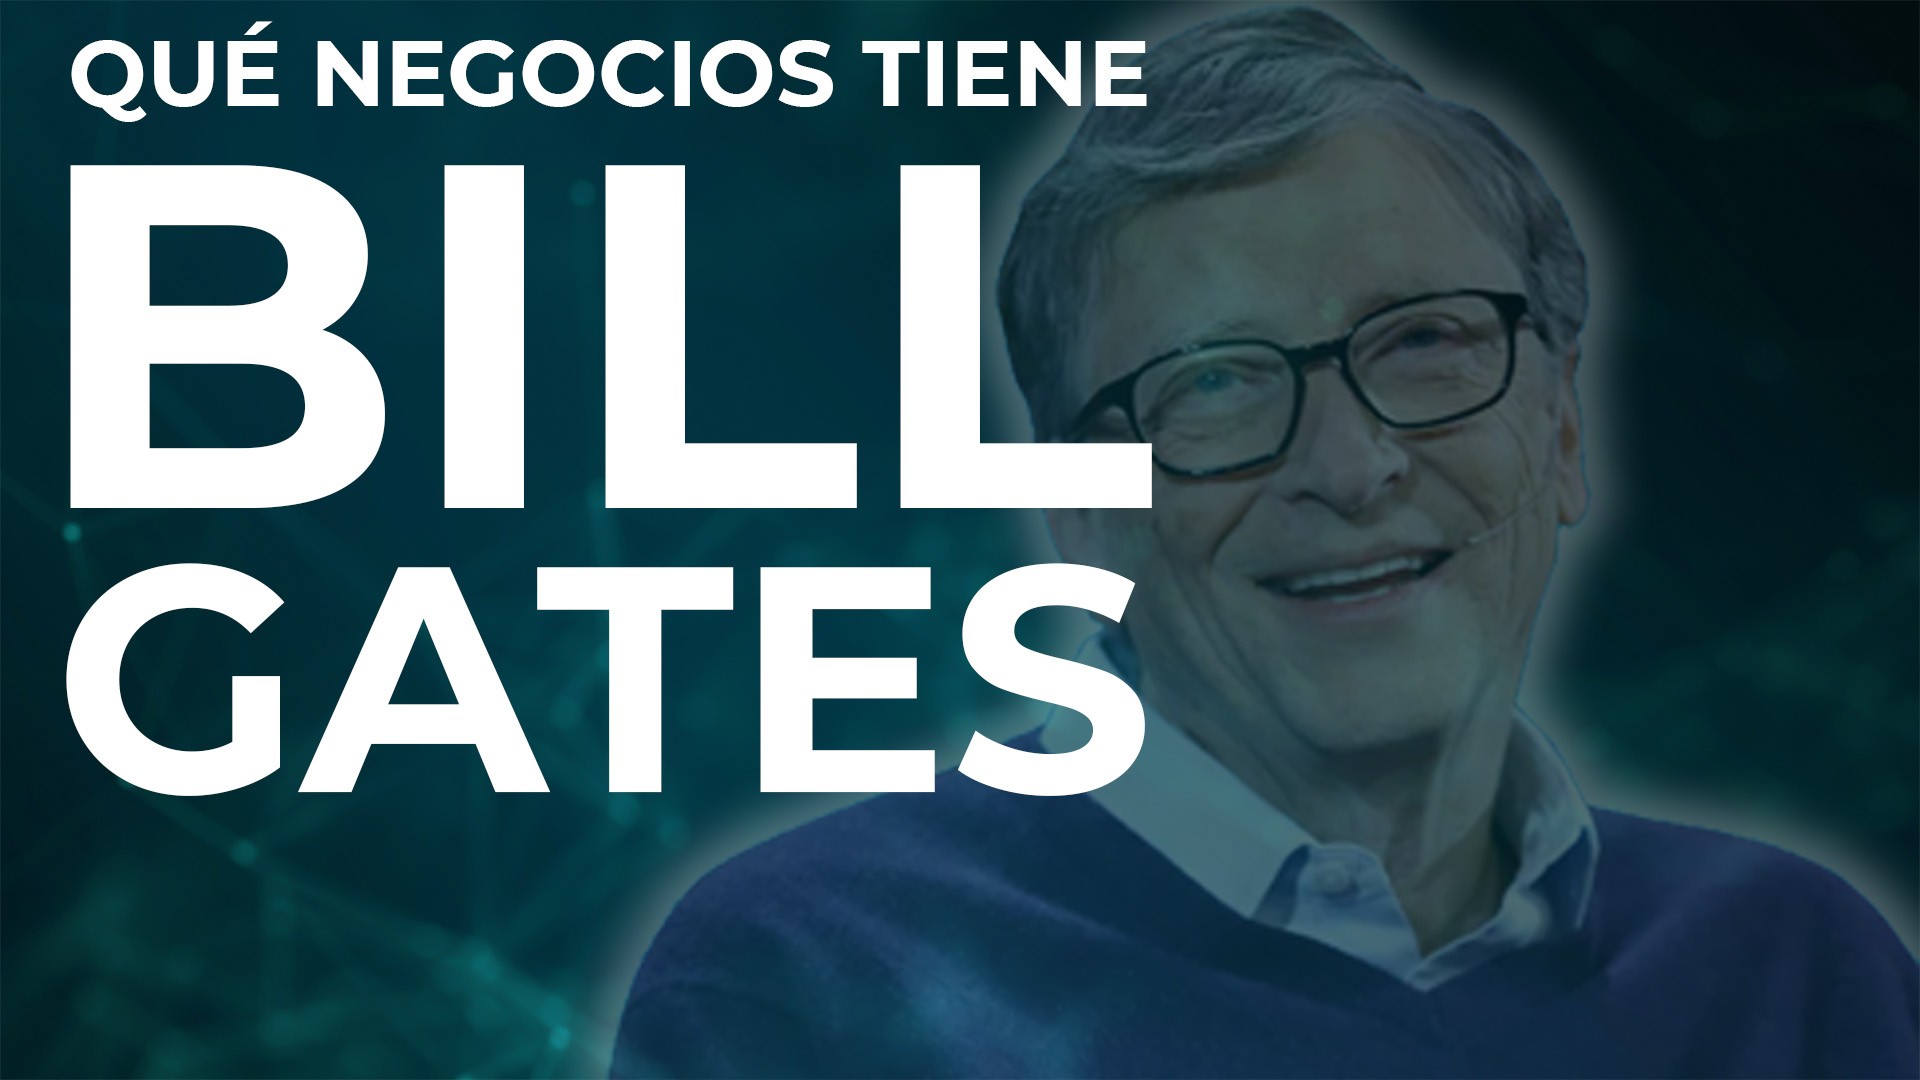 Qué negocios tiene Bill Gates